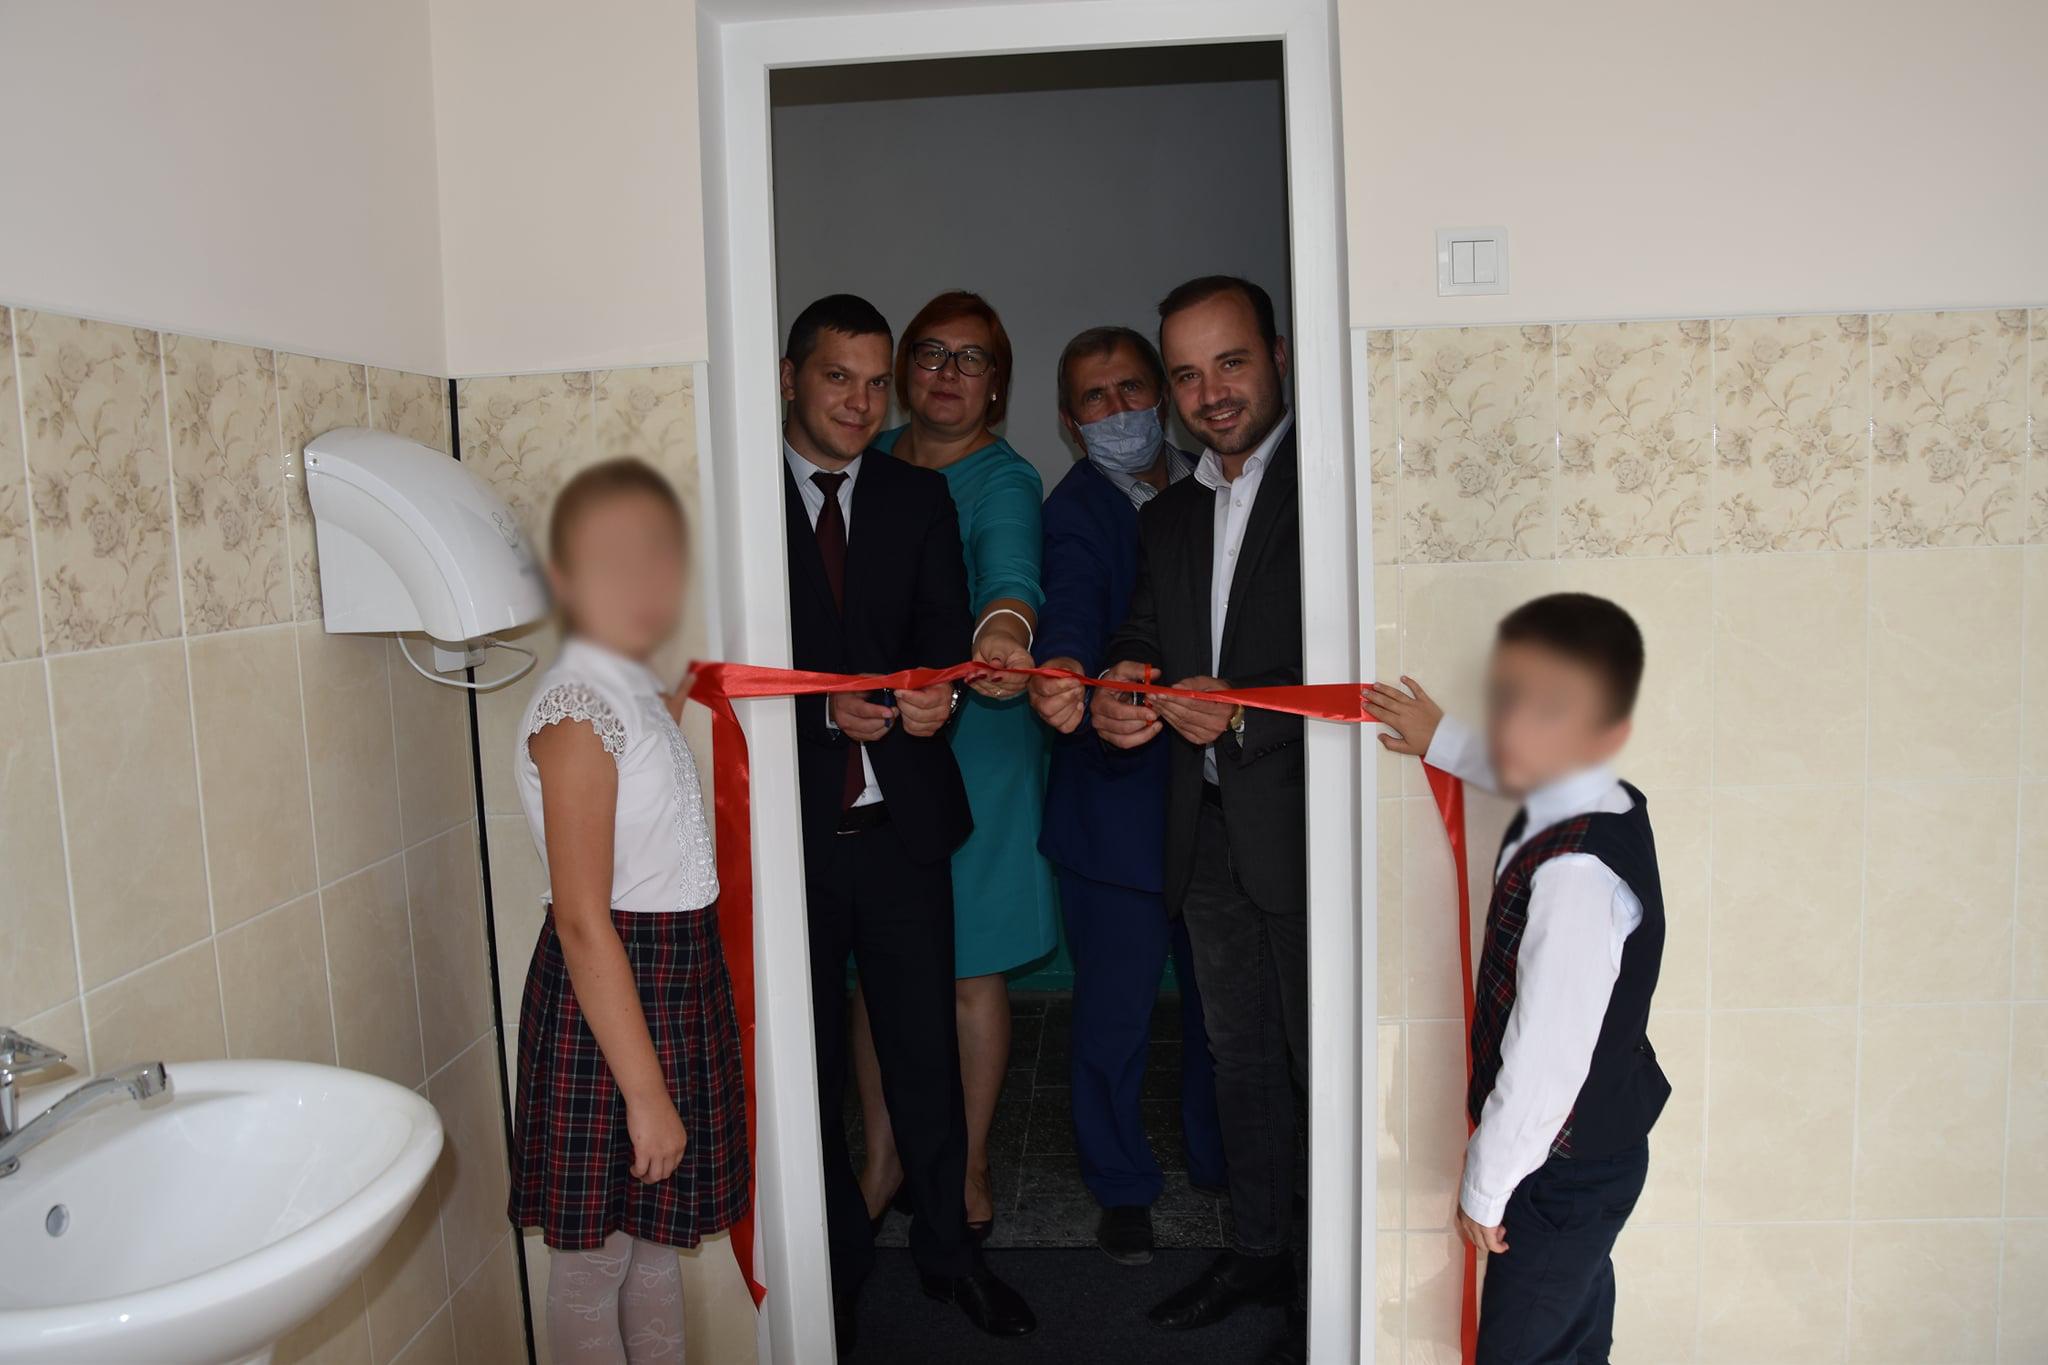 Toaletă inaugurată de președintele de raion, primar și un deputat. Cum comentează socialistul Vladimir Mizdrenco fotografia care a devenit virală?